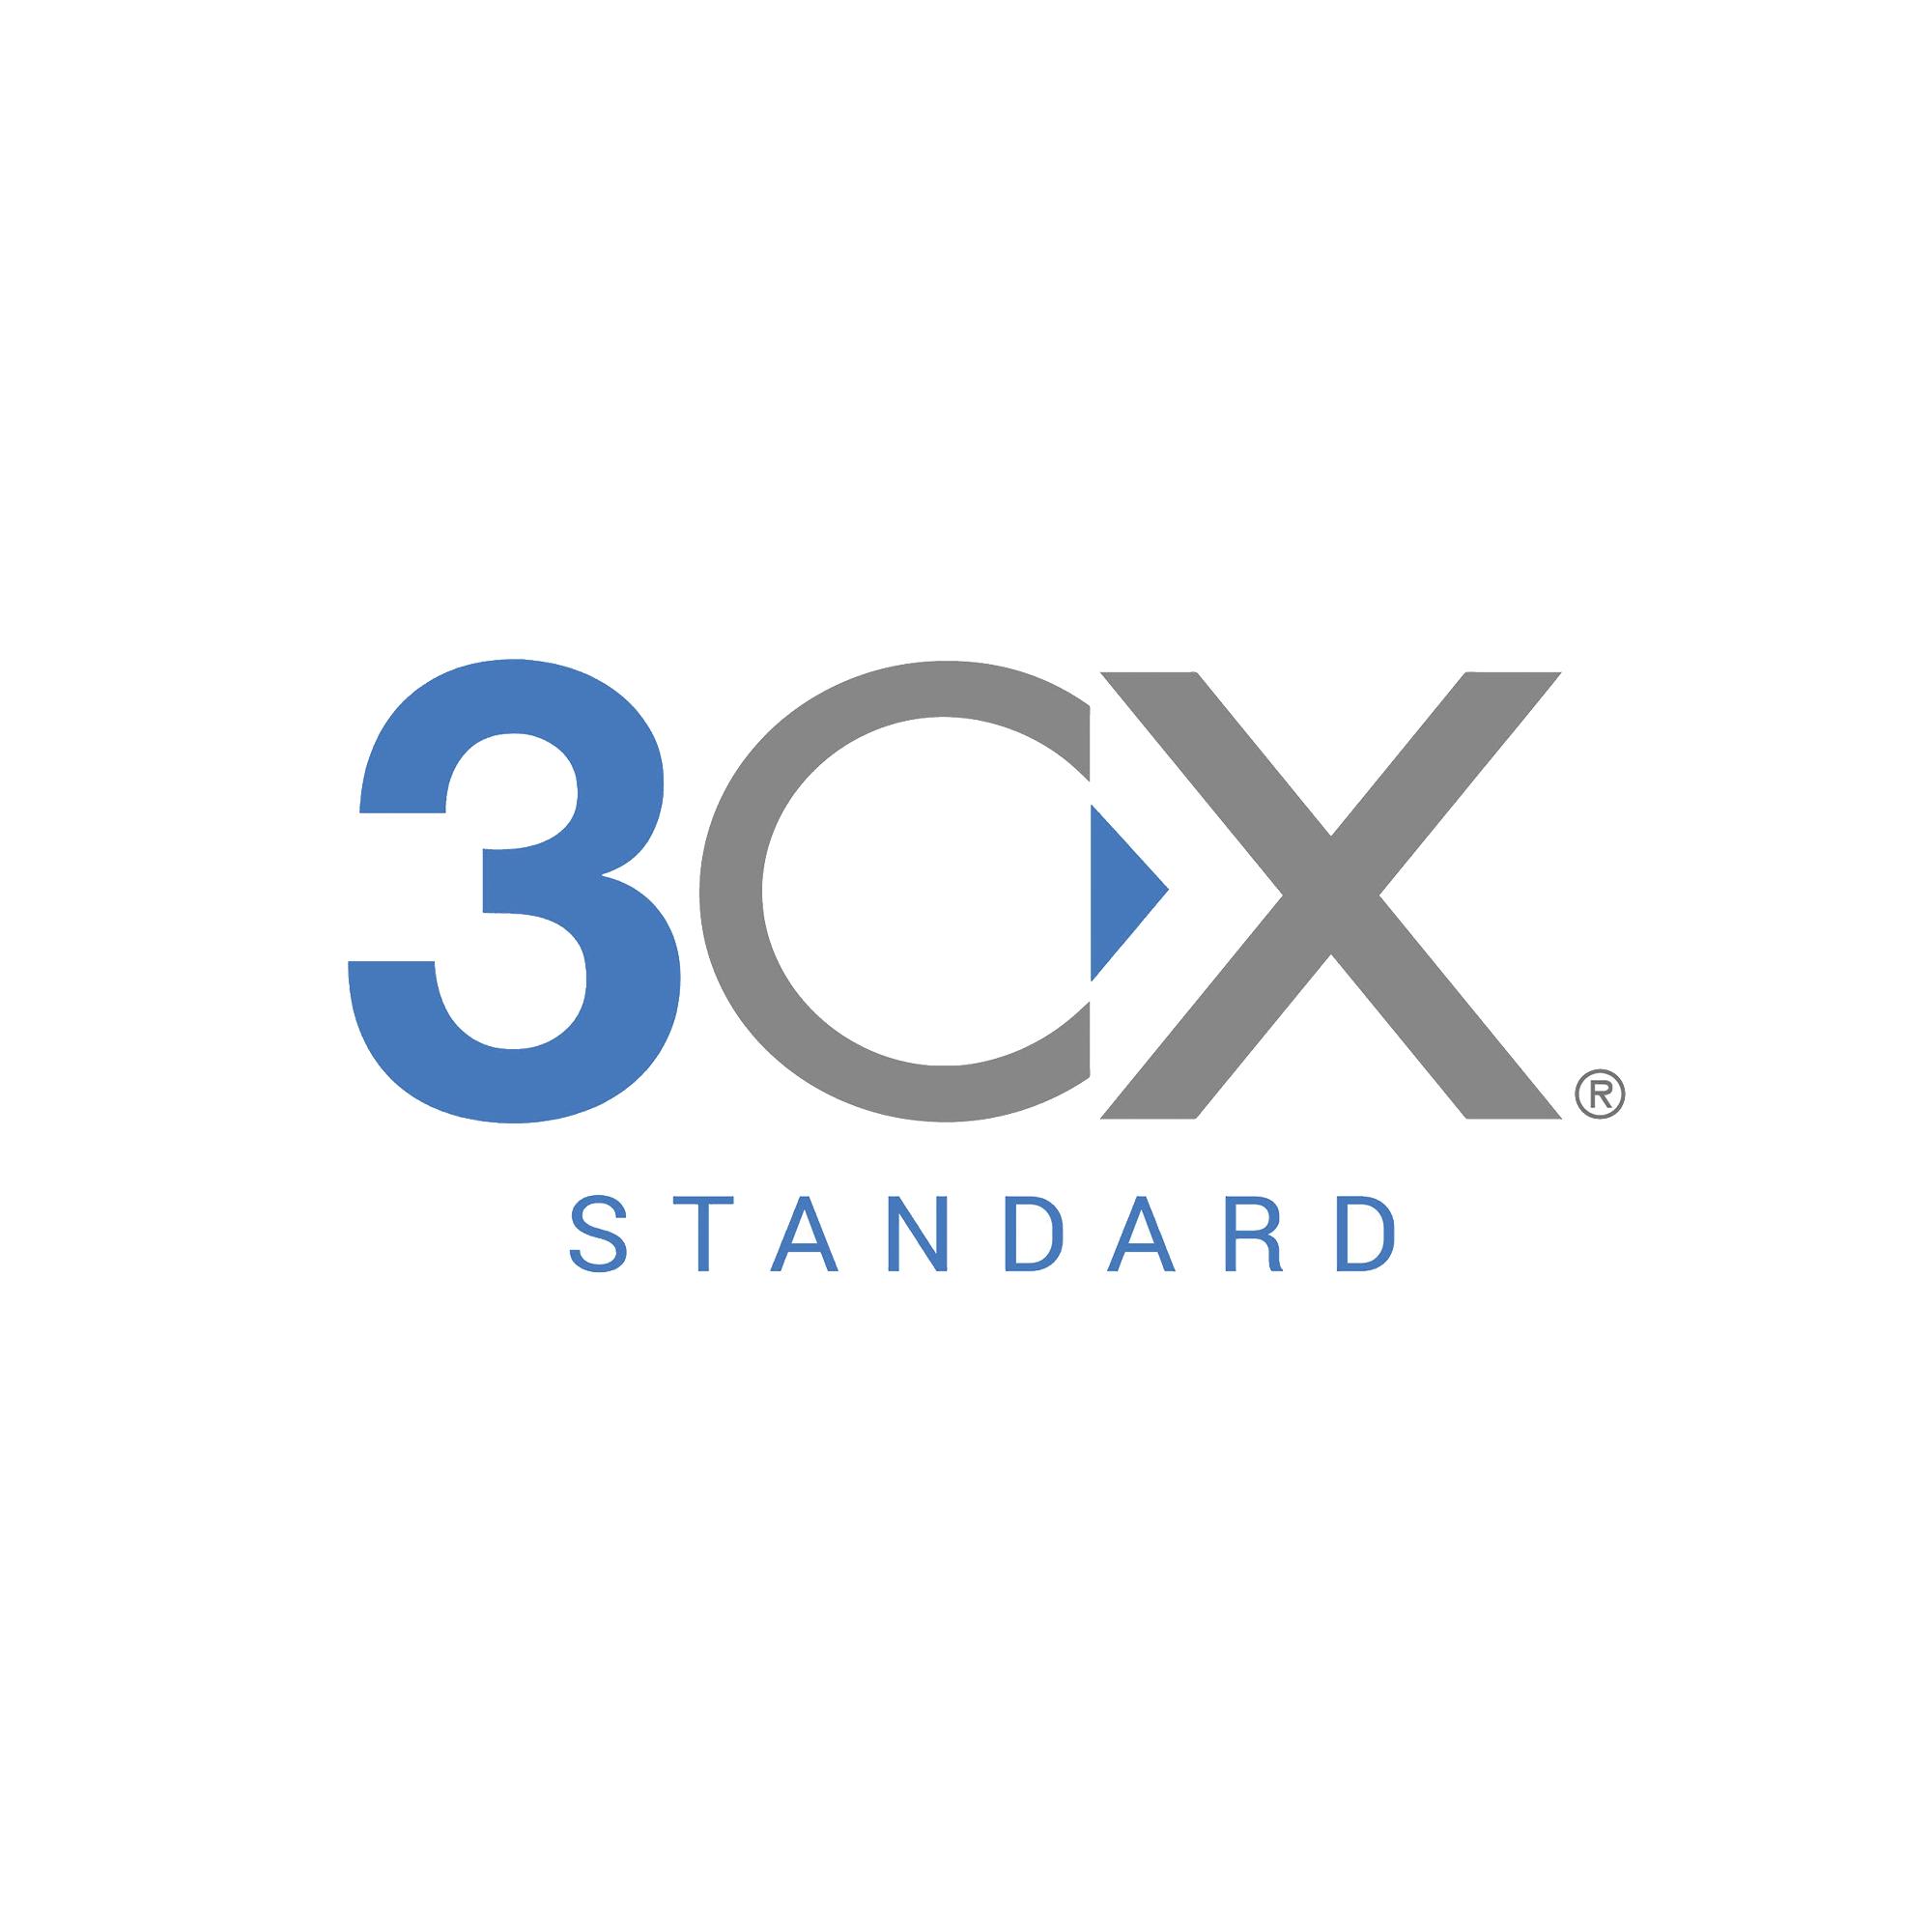 Licencia perpetua de 3CX Standard para 4 llamadas simultáneas y extensiones ilimitadas